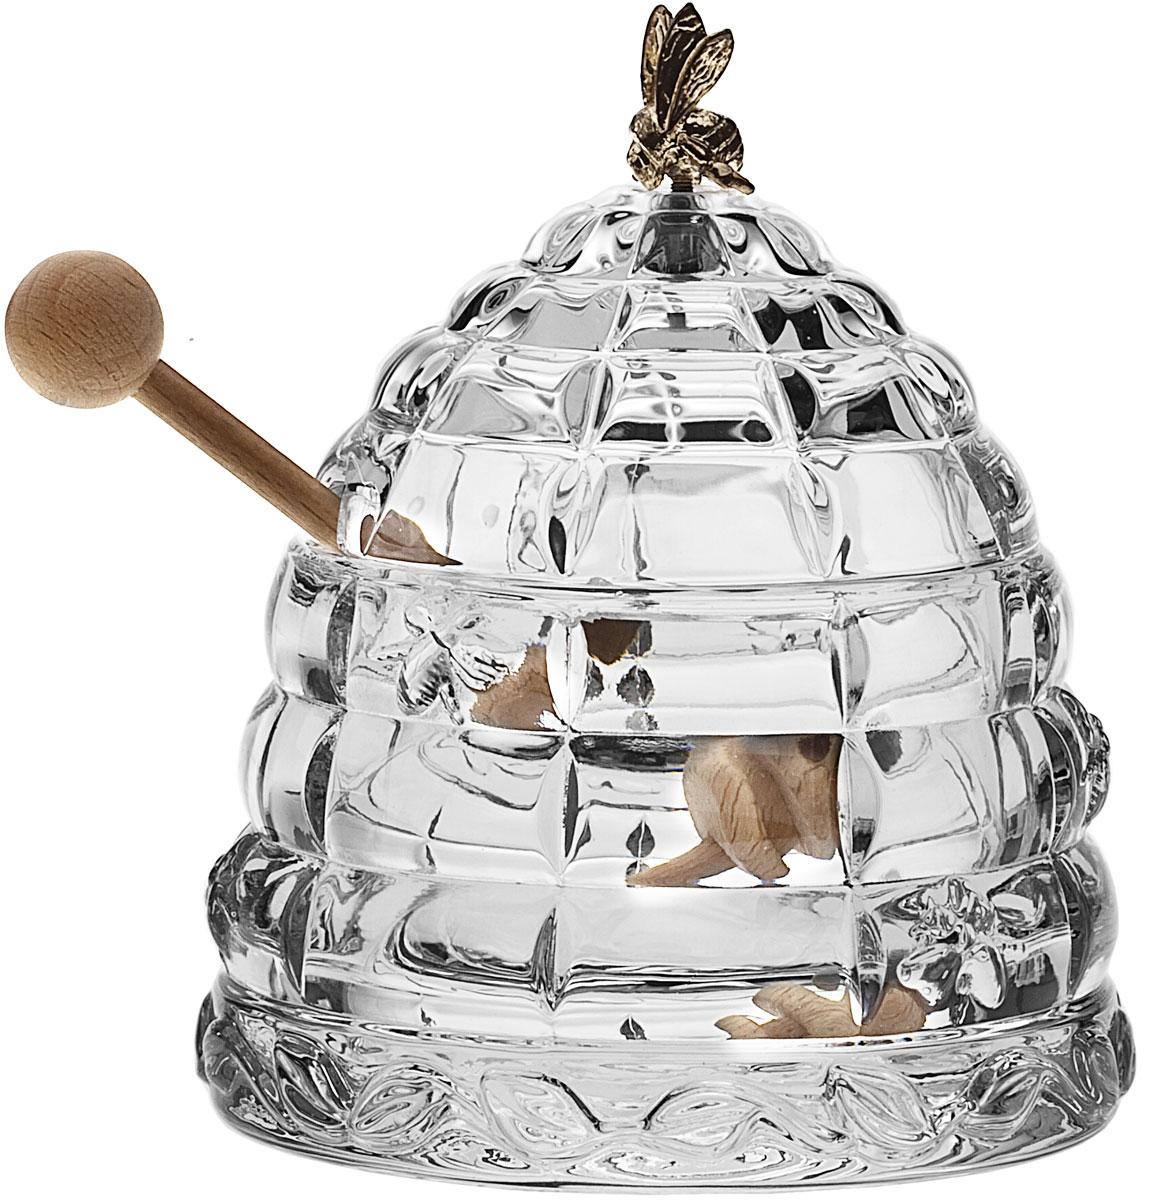 Доза для меда Crystal Bohemia Улей с пчелкой, с ложкой, 300 мл115610Доза для меда Crystal Bohemia Улей с пчелкой изготовлена из высококачественного хрусталя. Доза выполнена в форме улья и оснащена крышкой с металлической фигуркой пчелы. В комплекте - деревянная ложка для меда. Изделие прекрасно впишется в интерьер вашего дома и станет достойным дополнением к кухонному инвентарю. Доза подчеркнет прекрасный вкус хозяйки и станет отличным подарком.Размер дозы (без учета крышки): 11 см х 11 см х 7,5 см. Длина ложечки: 15 см.Объем дозы: 300 мл.